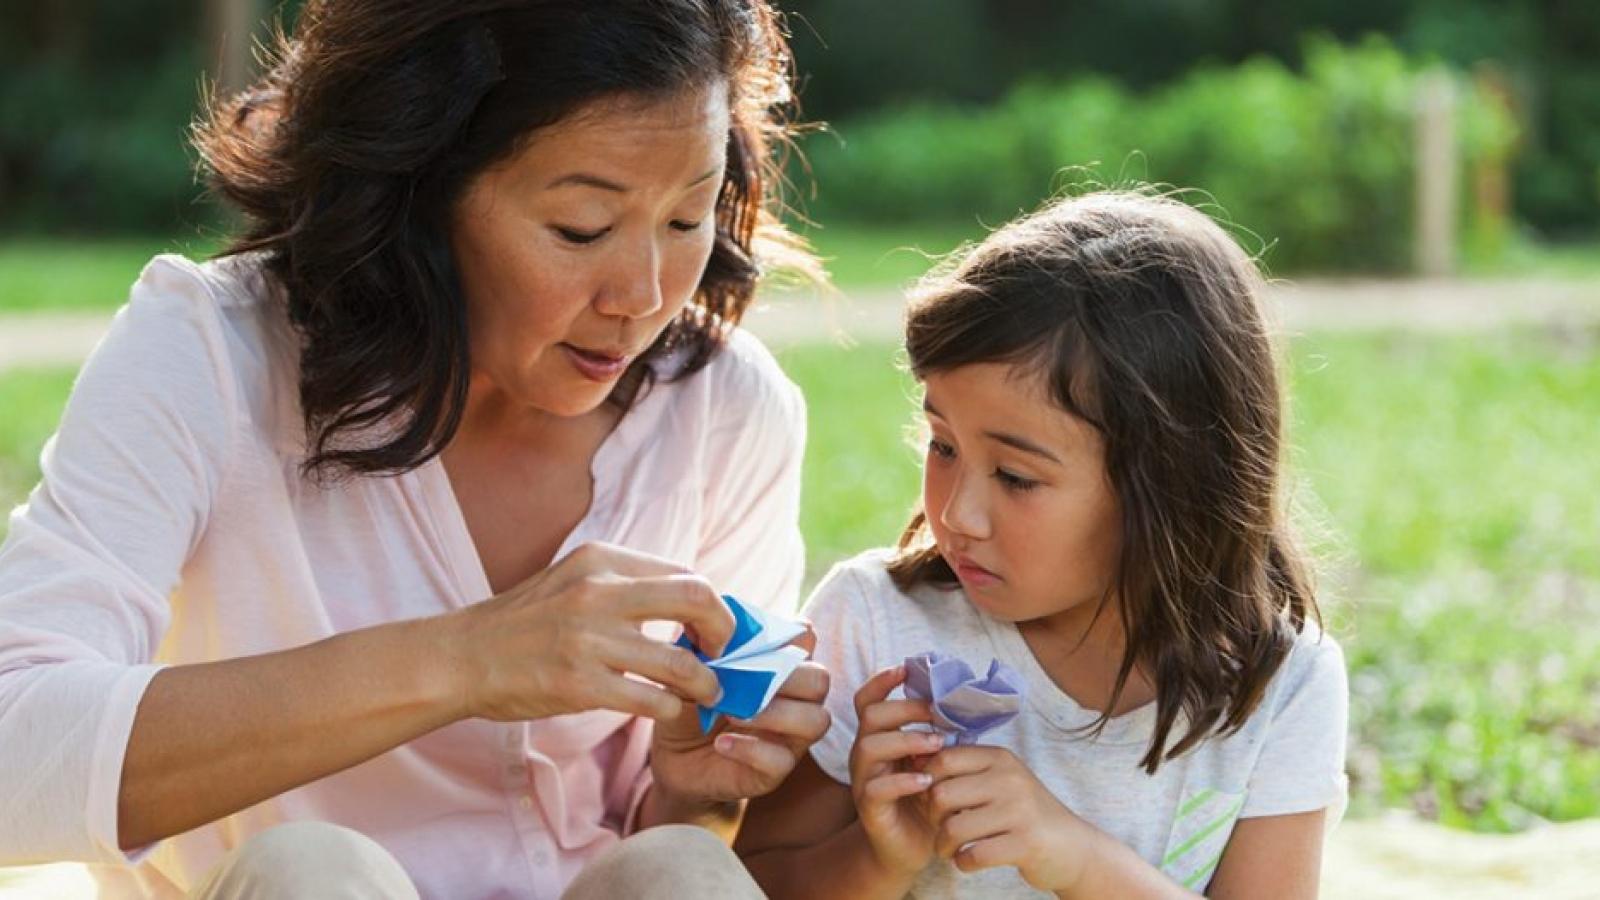 Những giá trị quan trọng cần dạy cho con khi sang tuổi thứ 5